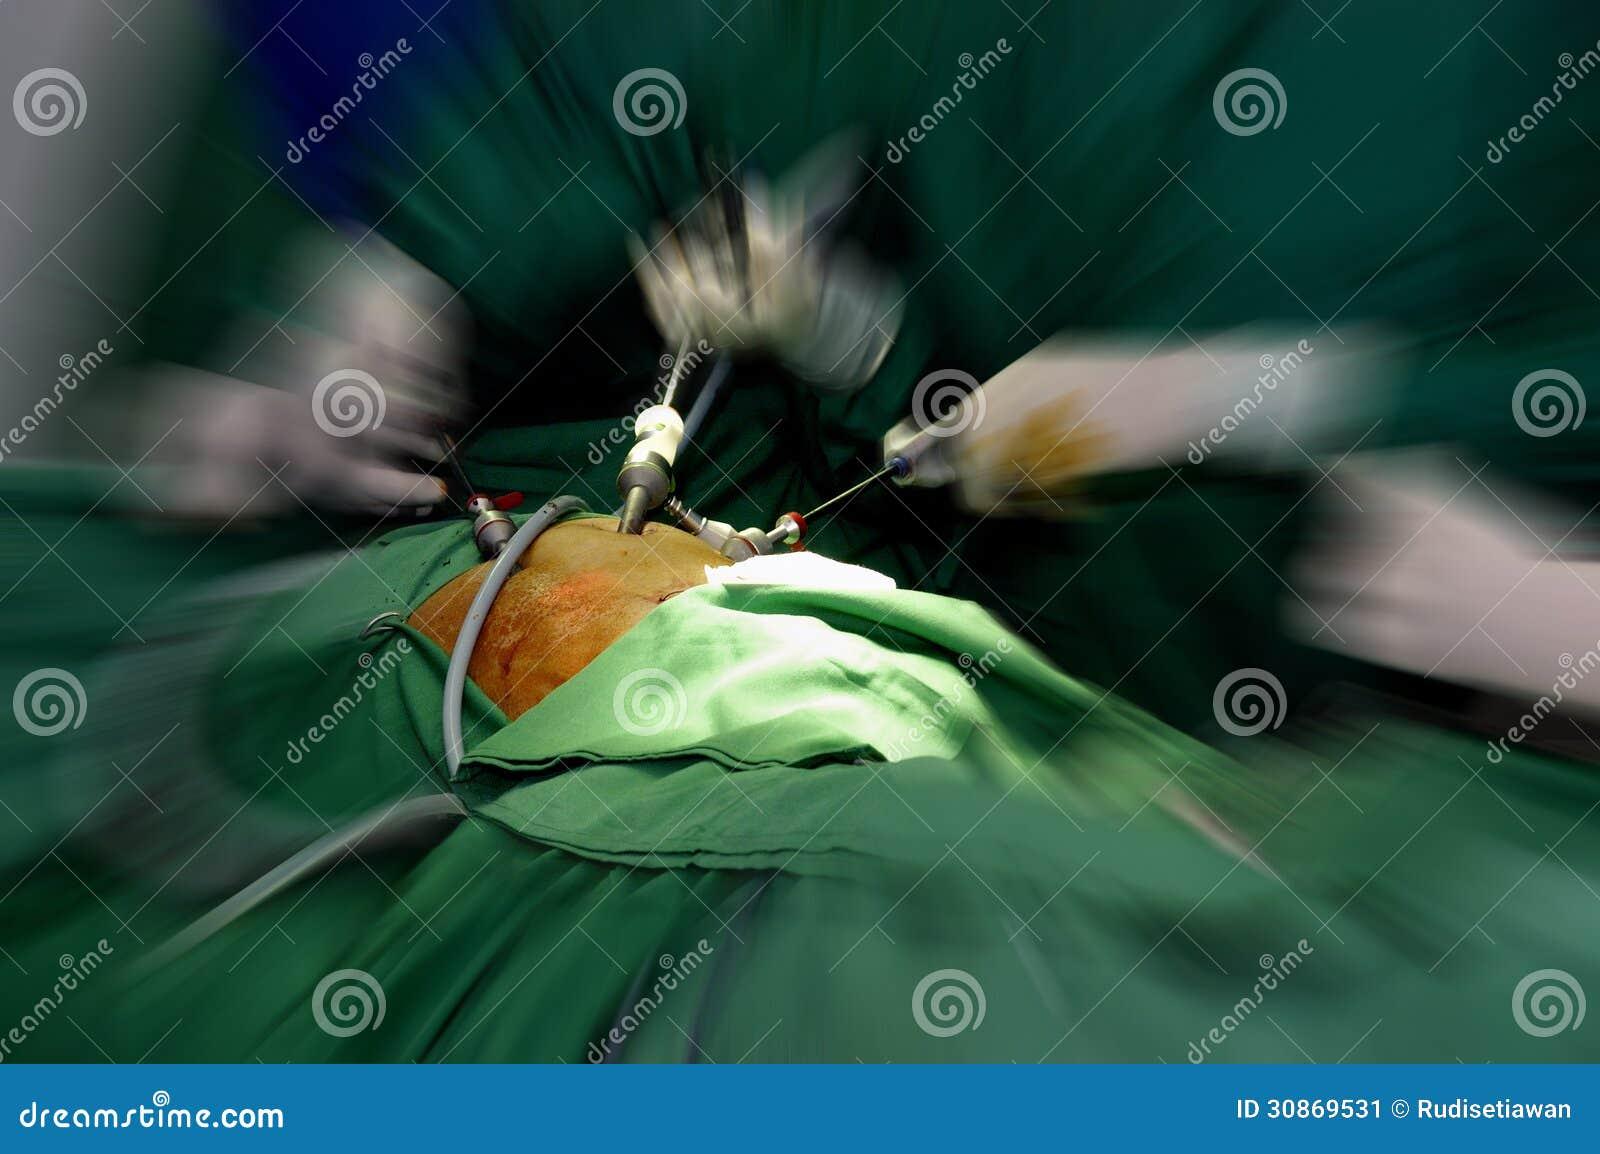 Cirurgia Laparoscopic